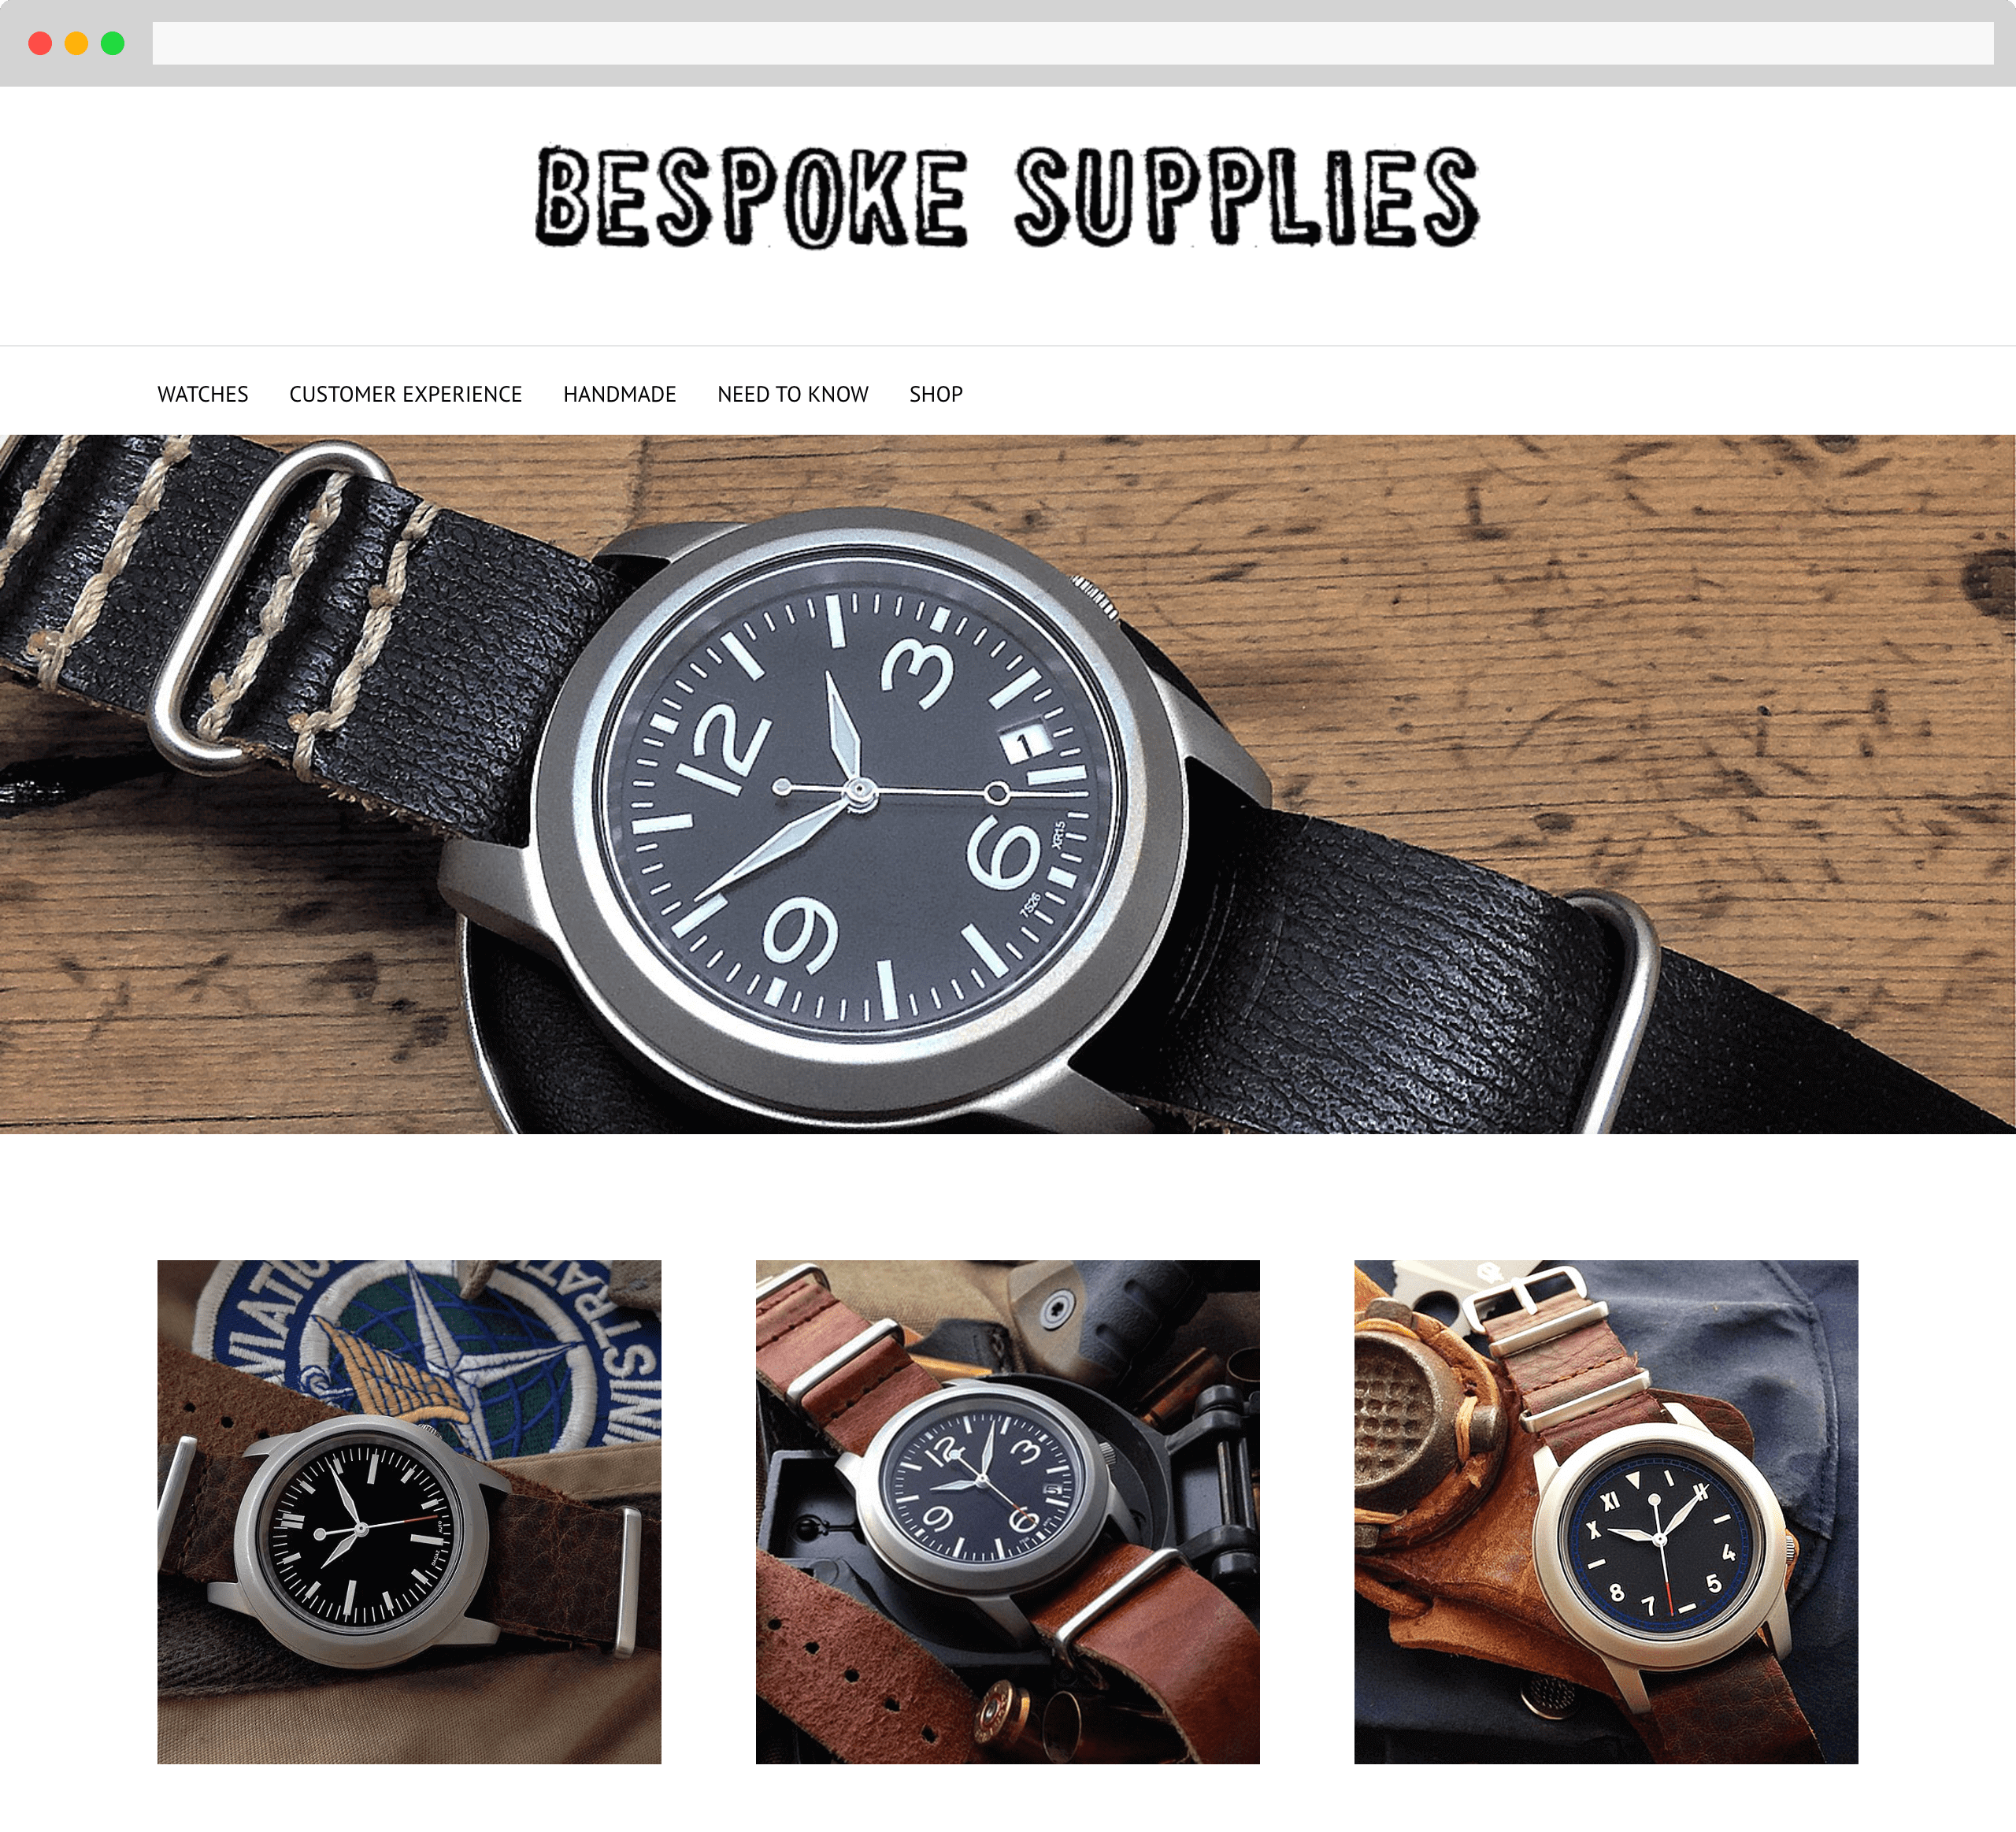 Bespoke Supplies website